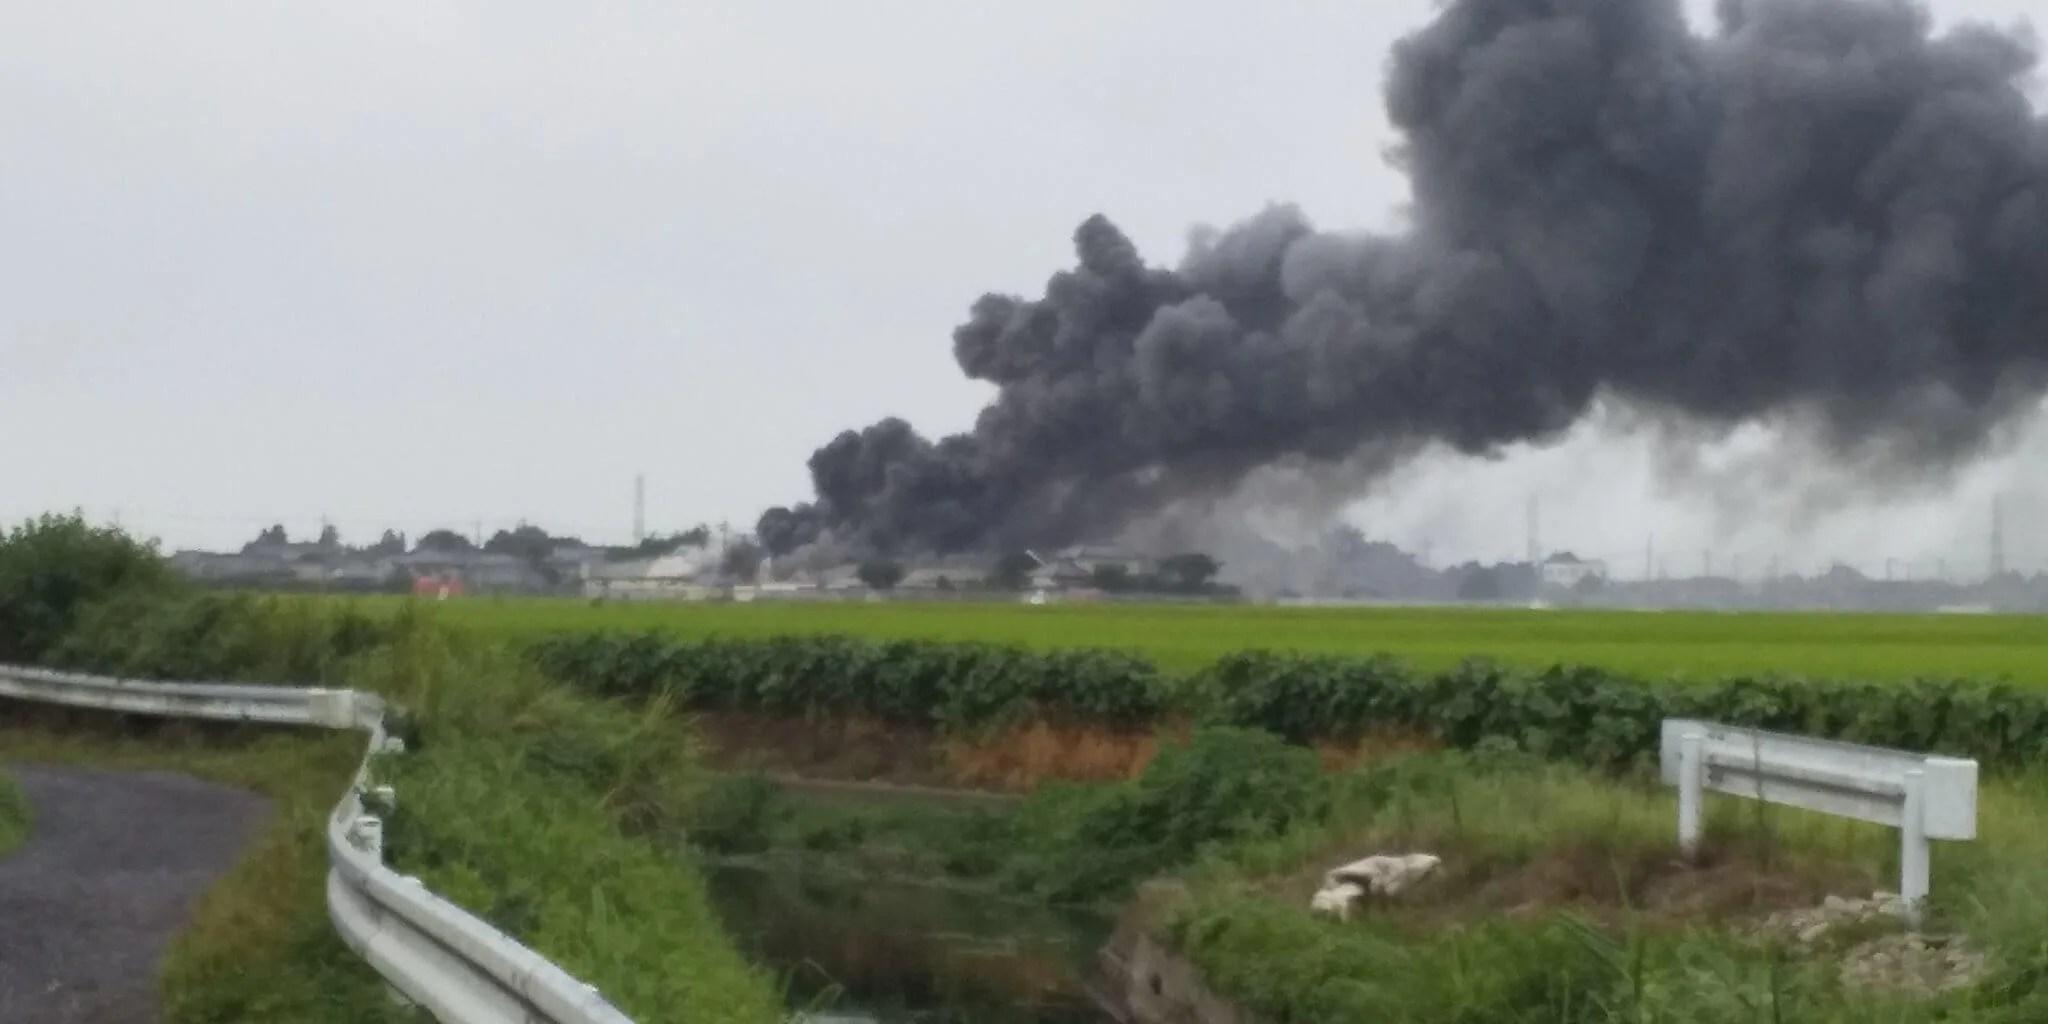 firescene 栃木市大平町武井の工場火災